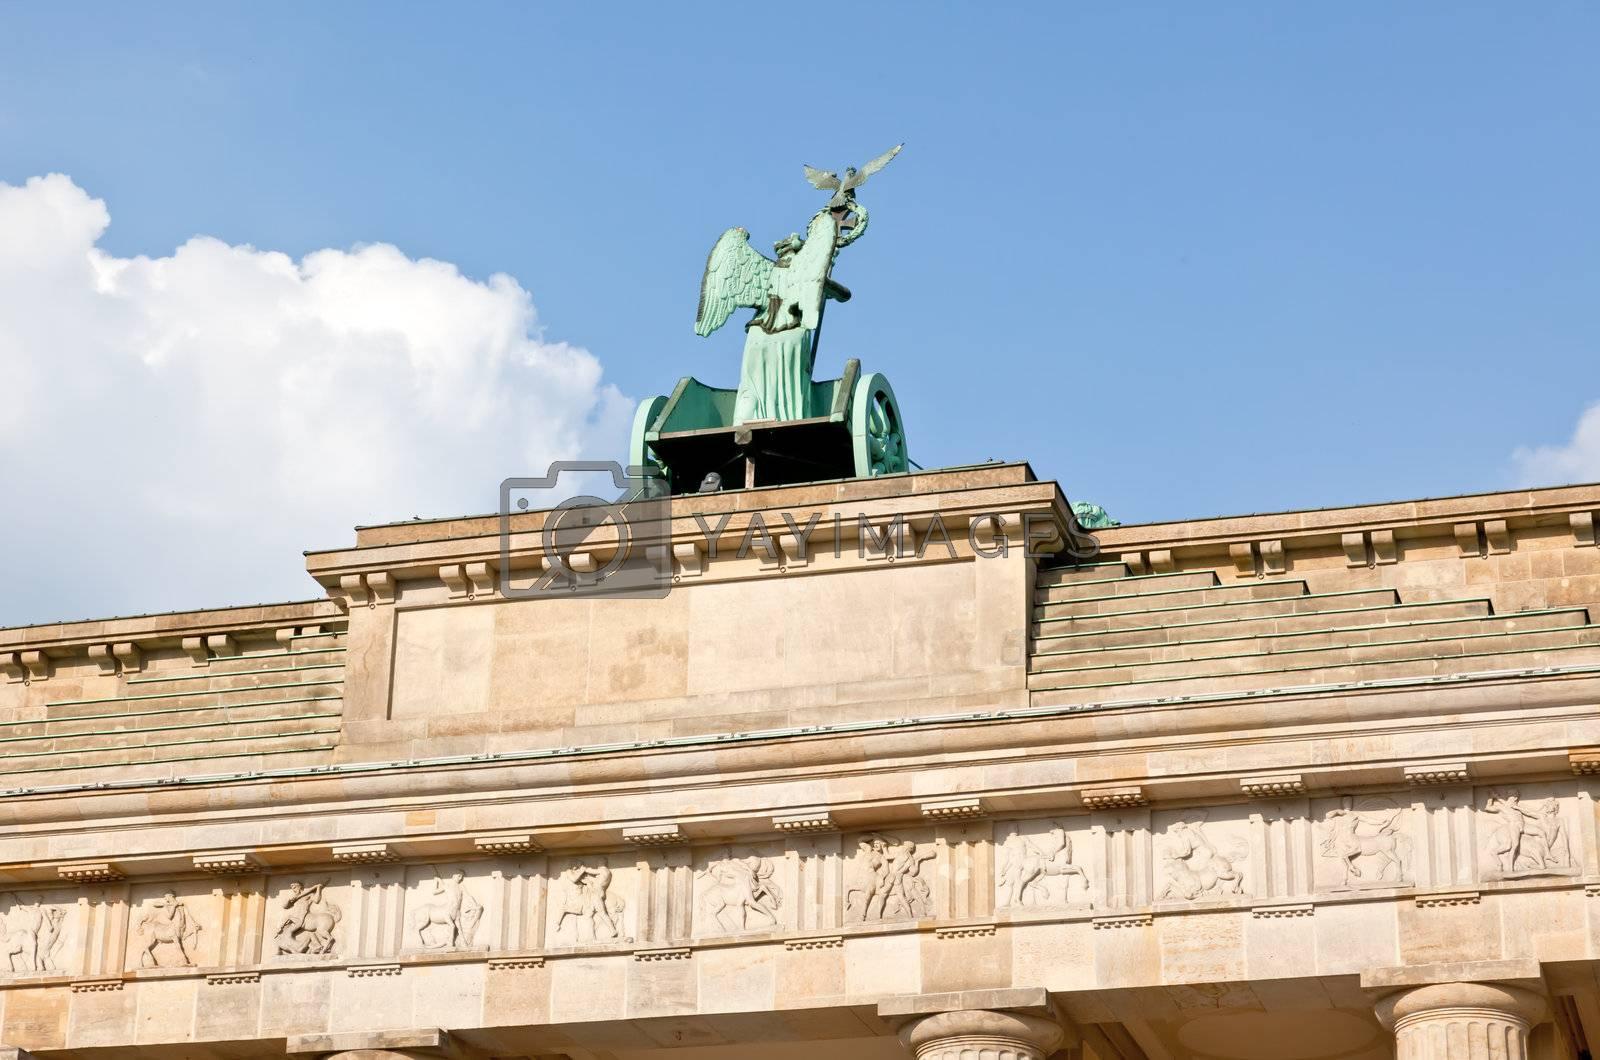 The BRANDENBURG GATE in Berlin Germany